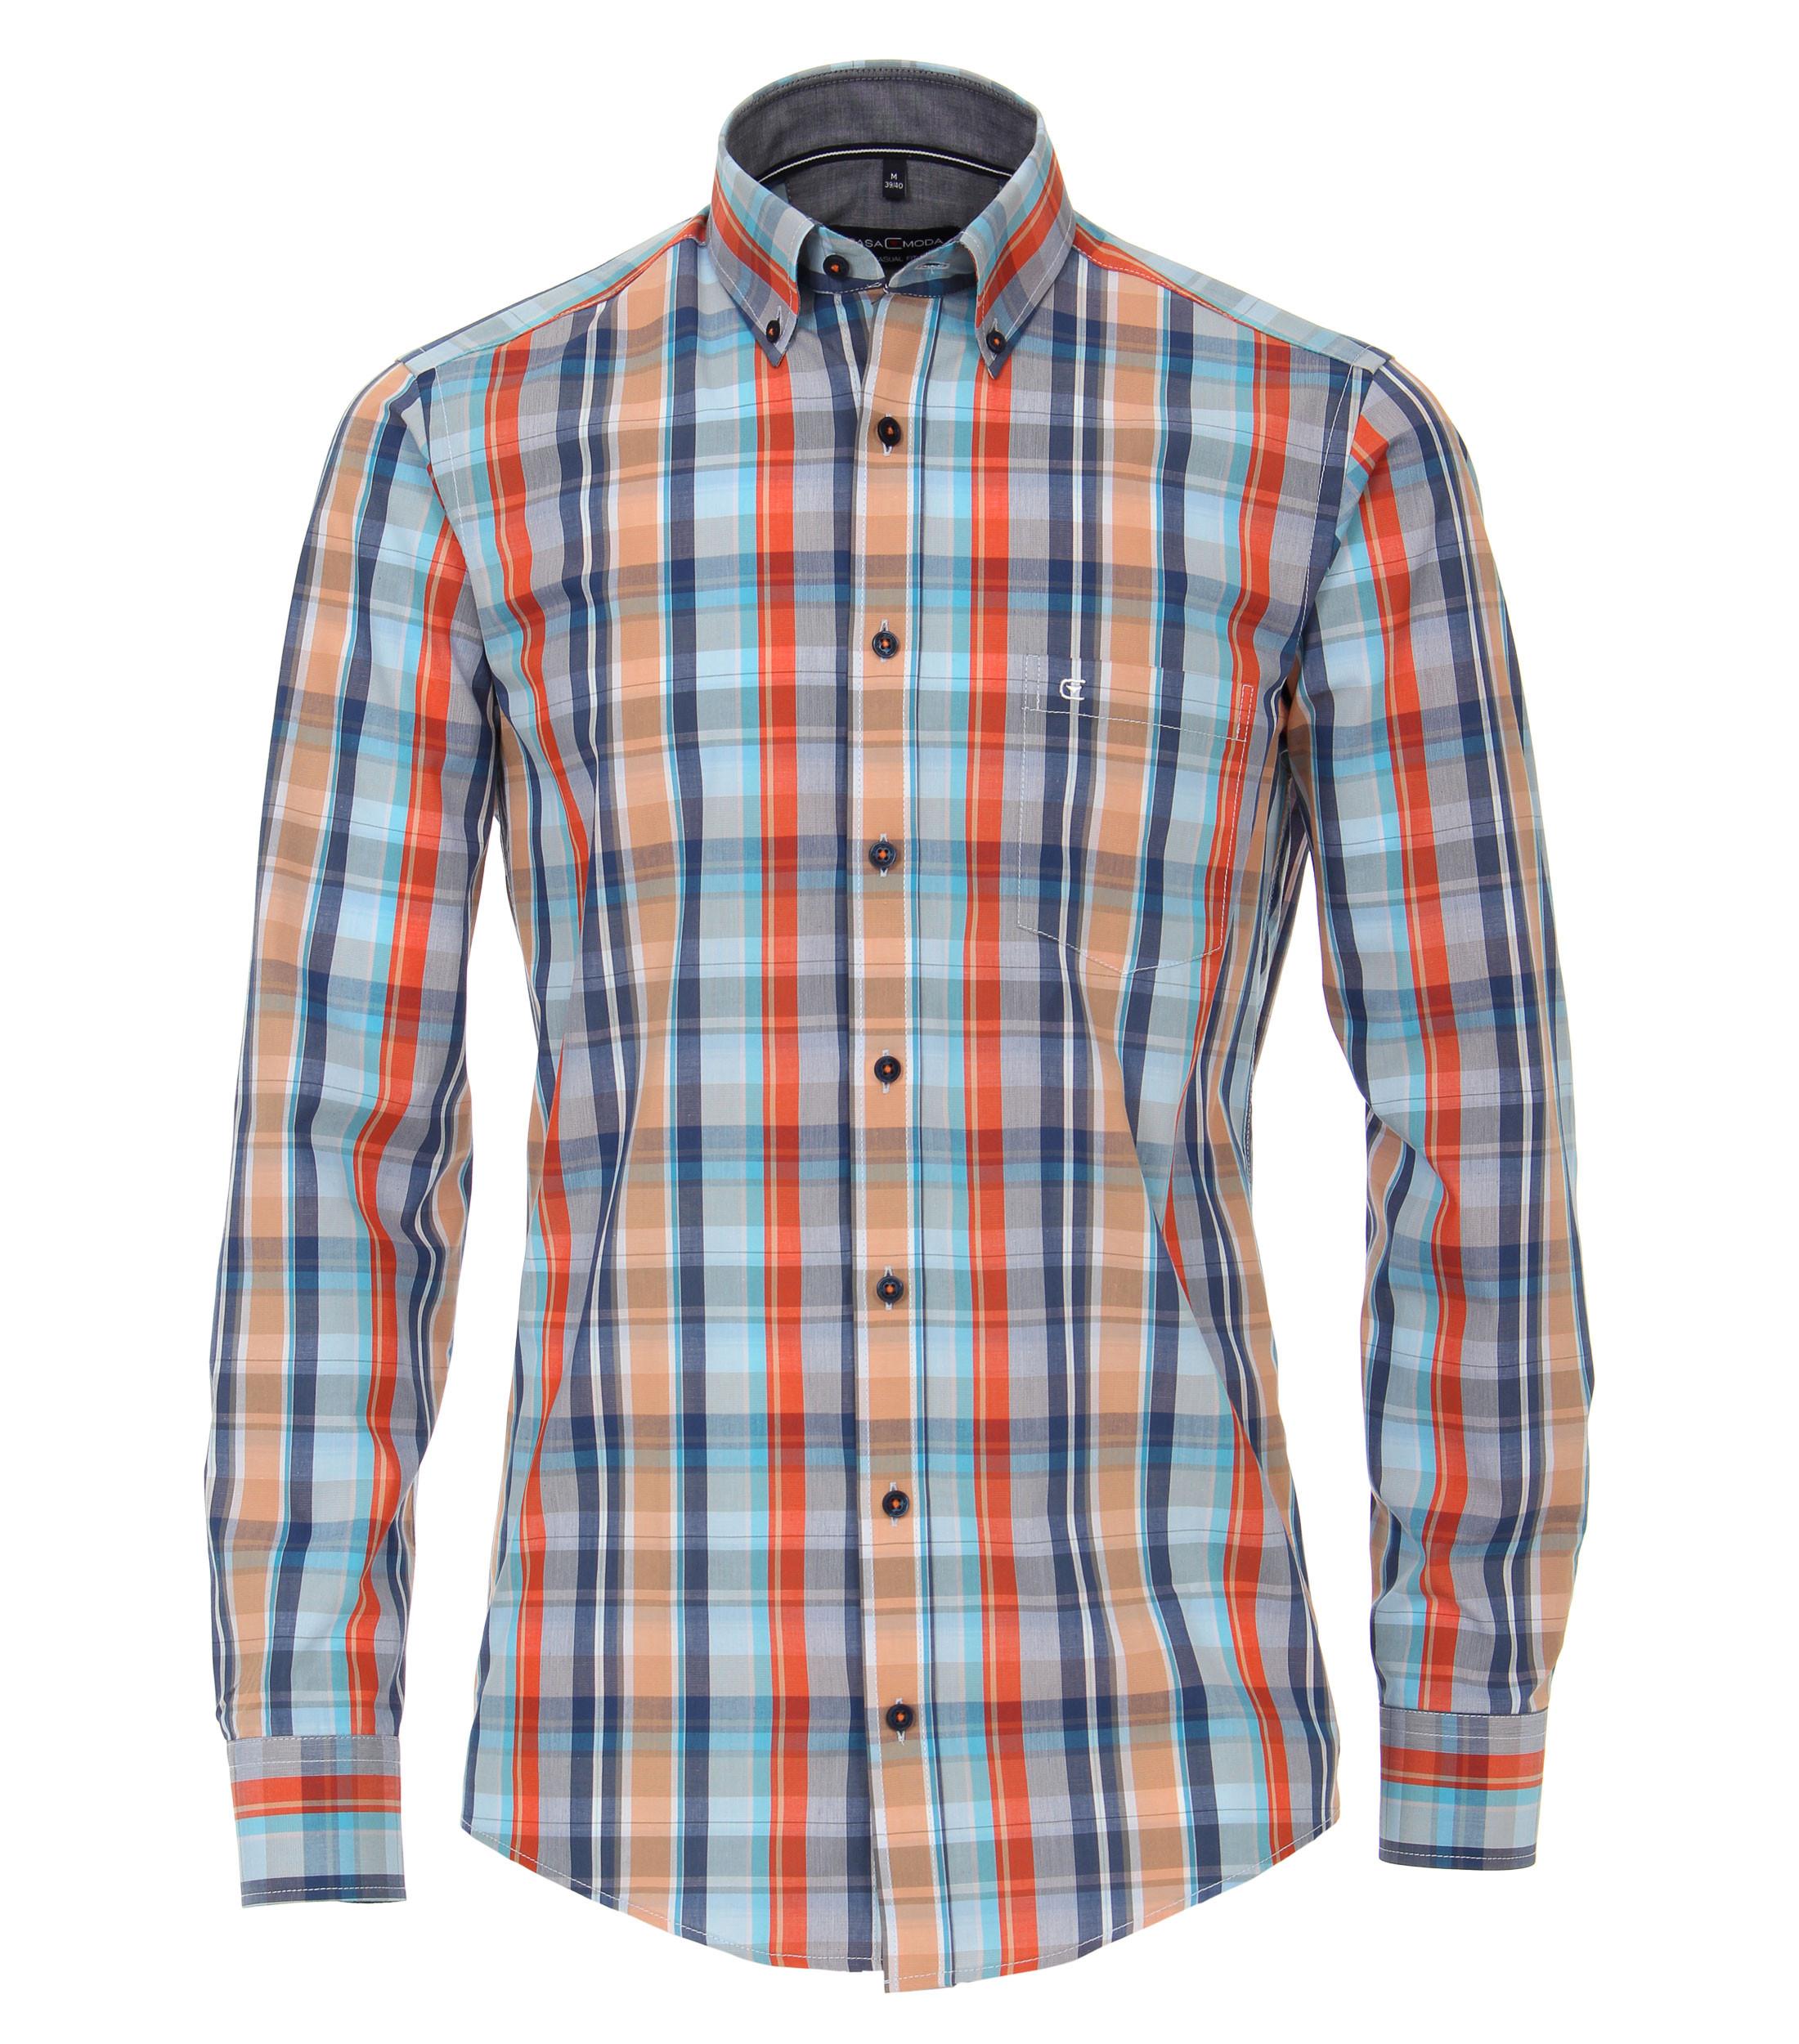 Casual overhemd van merk Casa Moda in div.kleuren, gemaakt van 100% katoen.